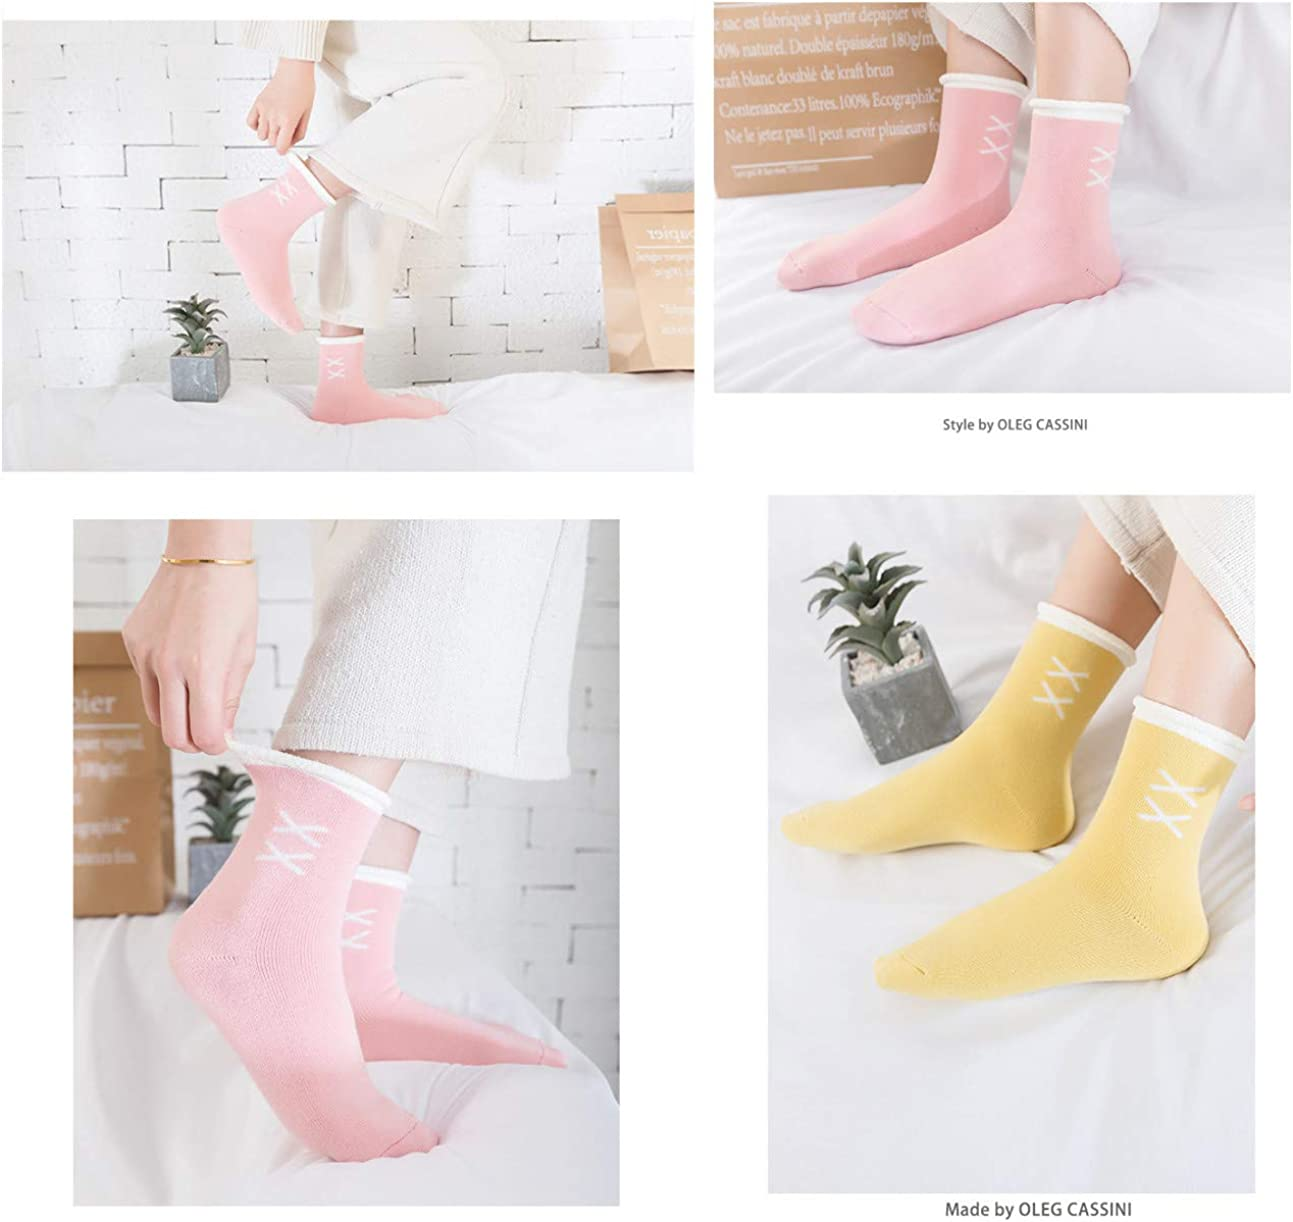 5 Pack Pile Heap Socks for Women Winter Warm Knitted Shiny Leg Warmer Boot Socks